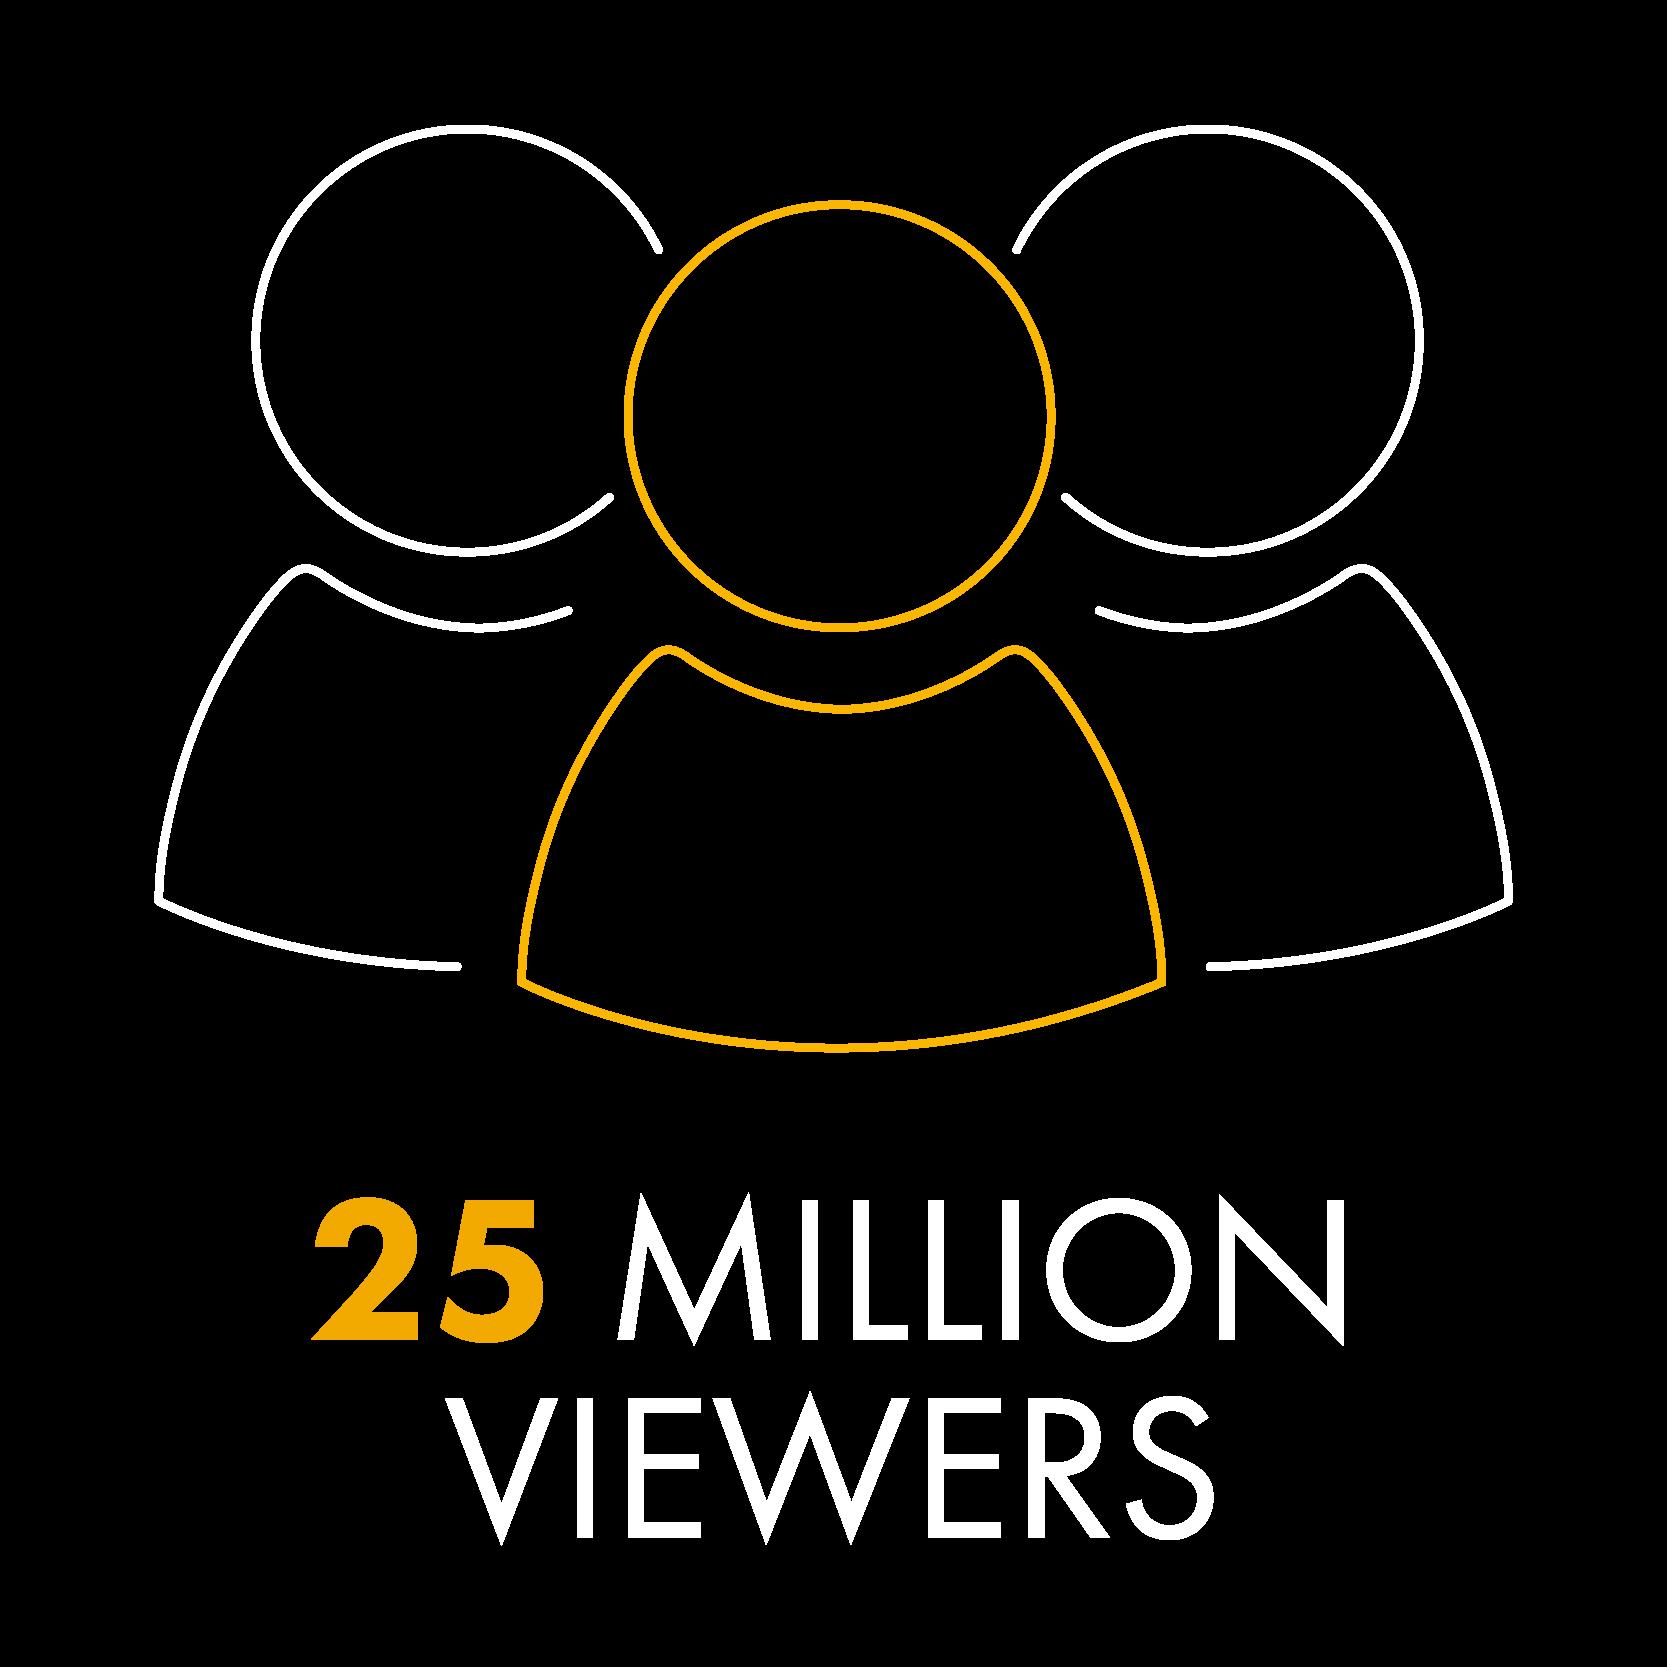 SAT-7 25 Million viewers